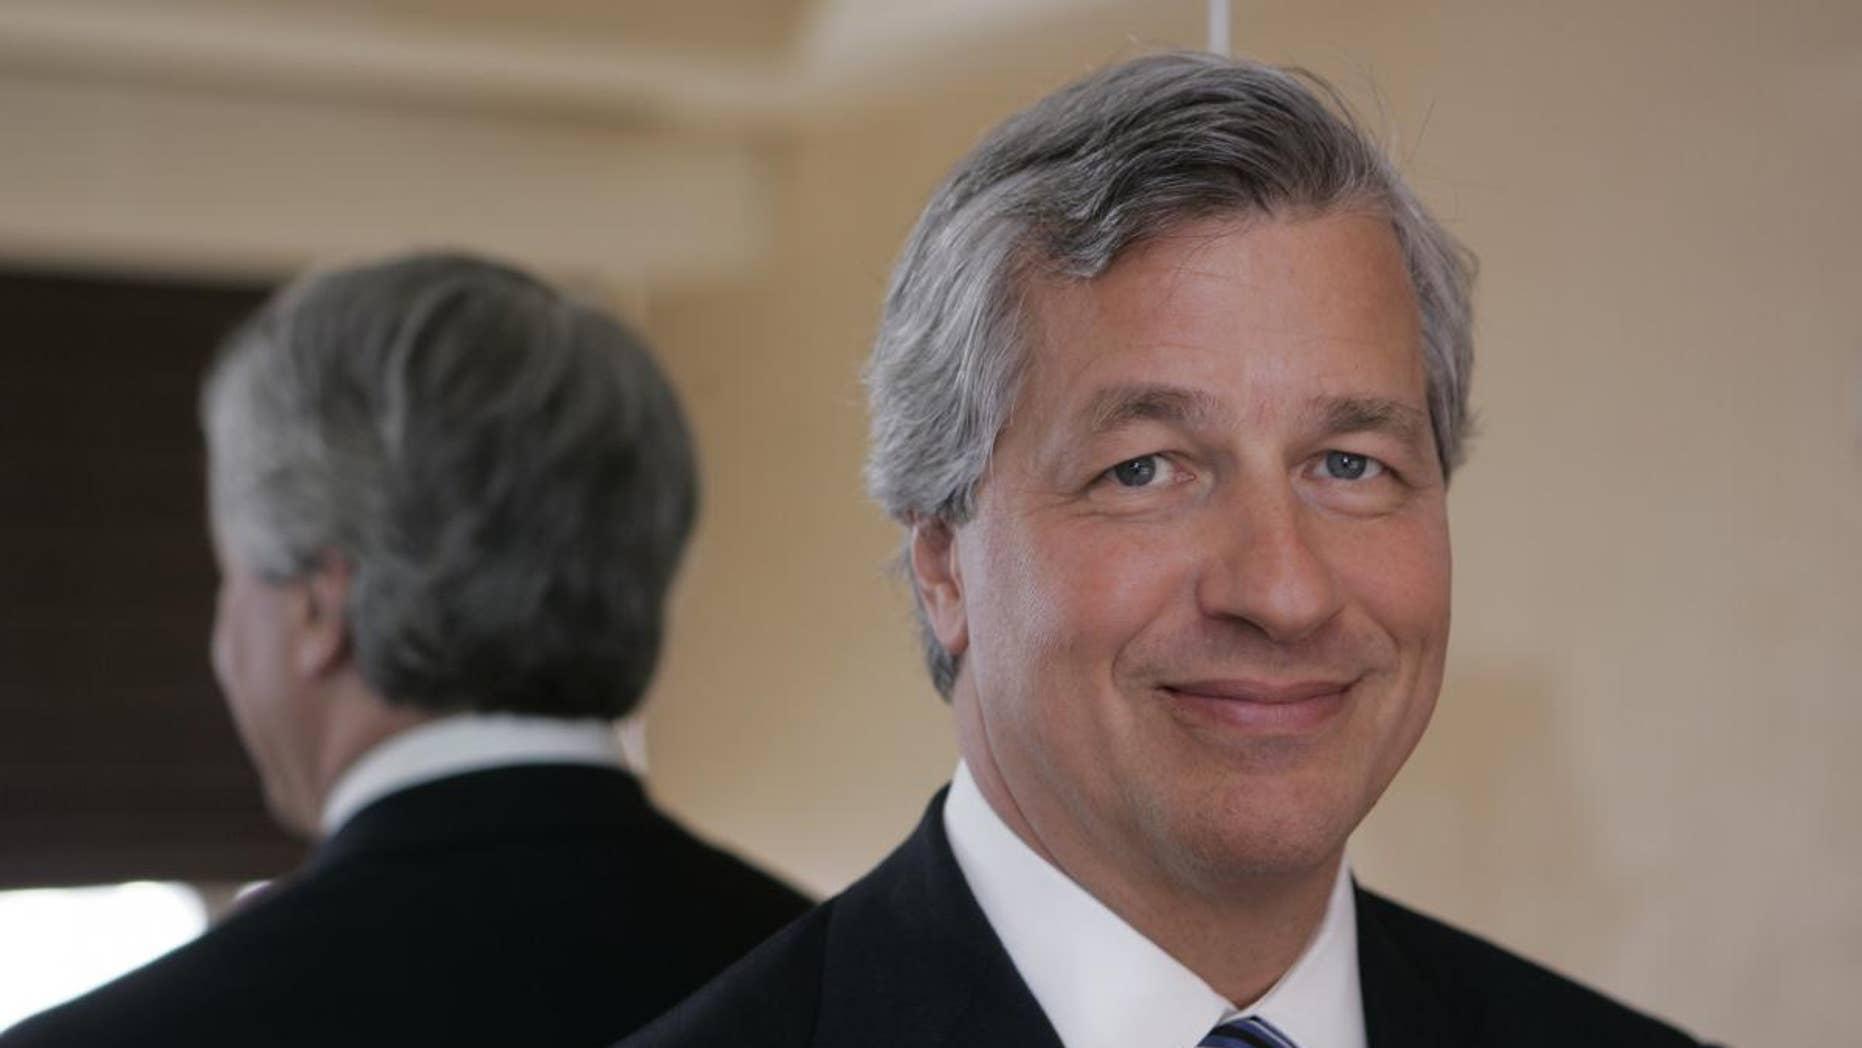 JP Morgan Chase CEO Jamie Dimon (AP Photo/File)